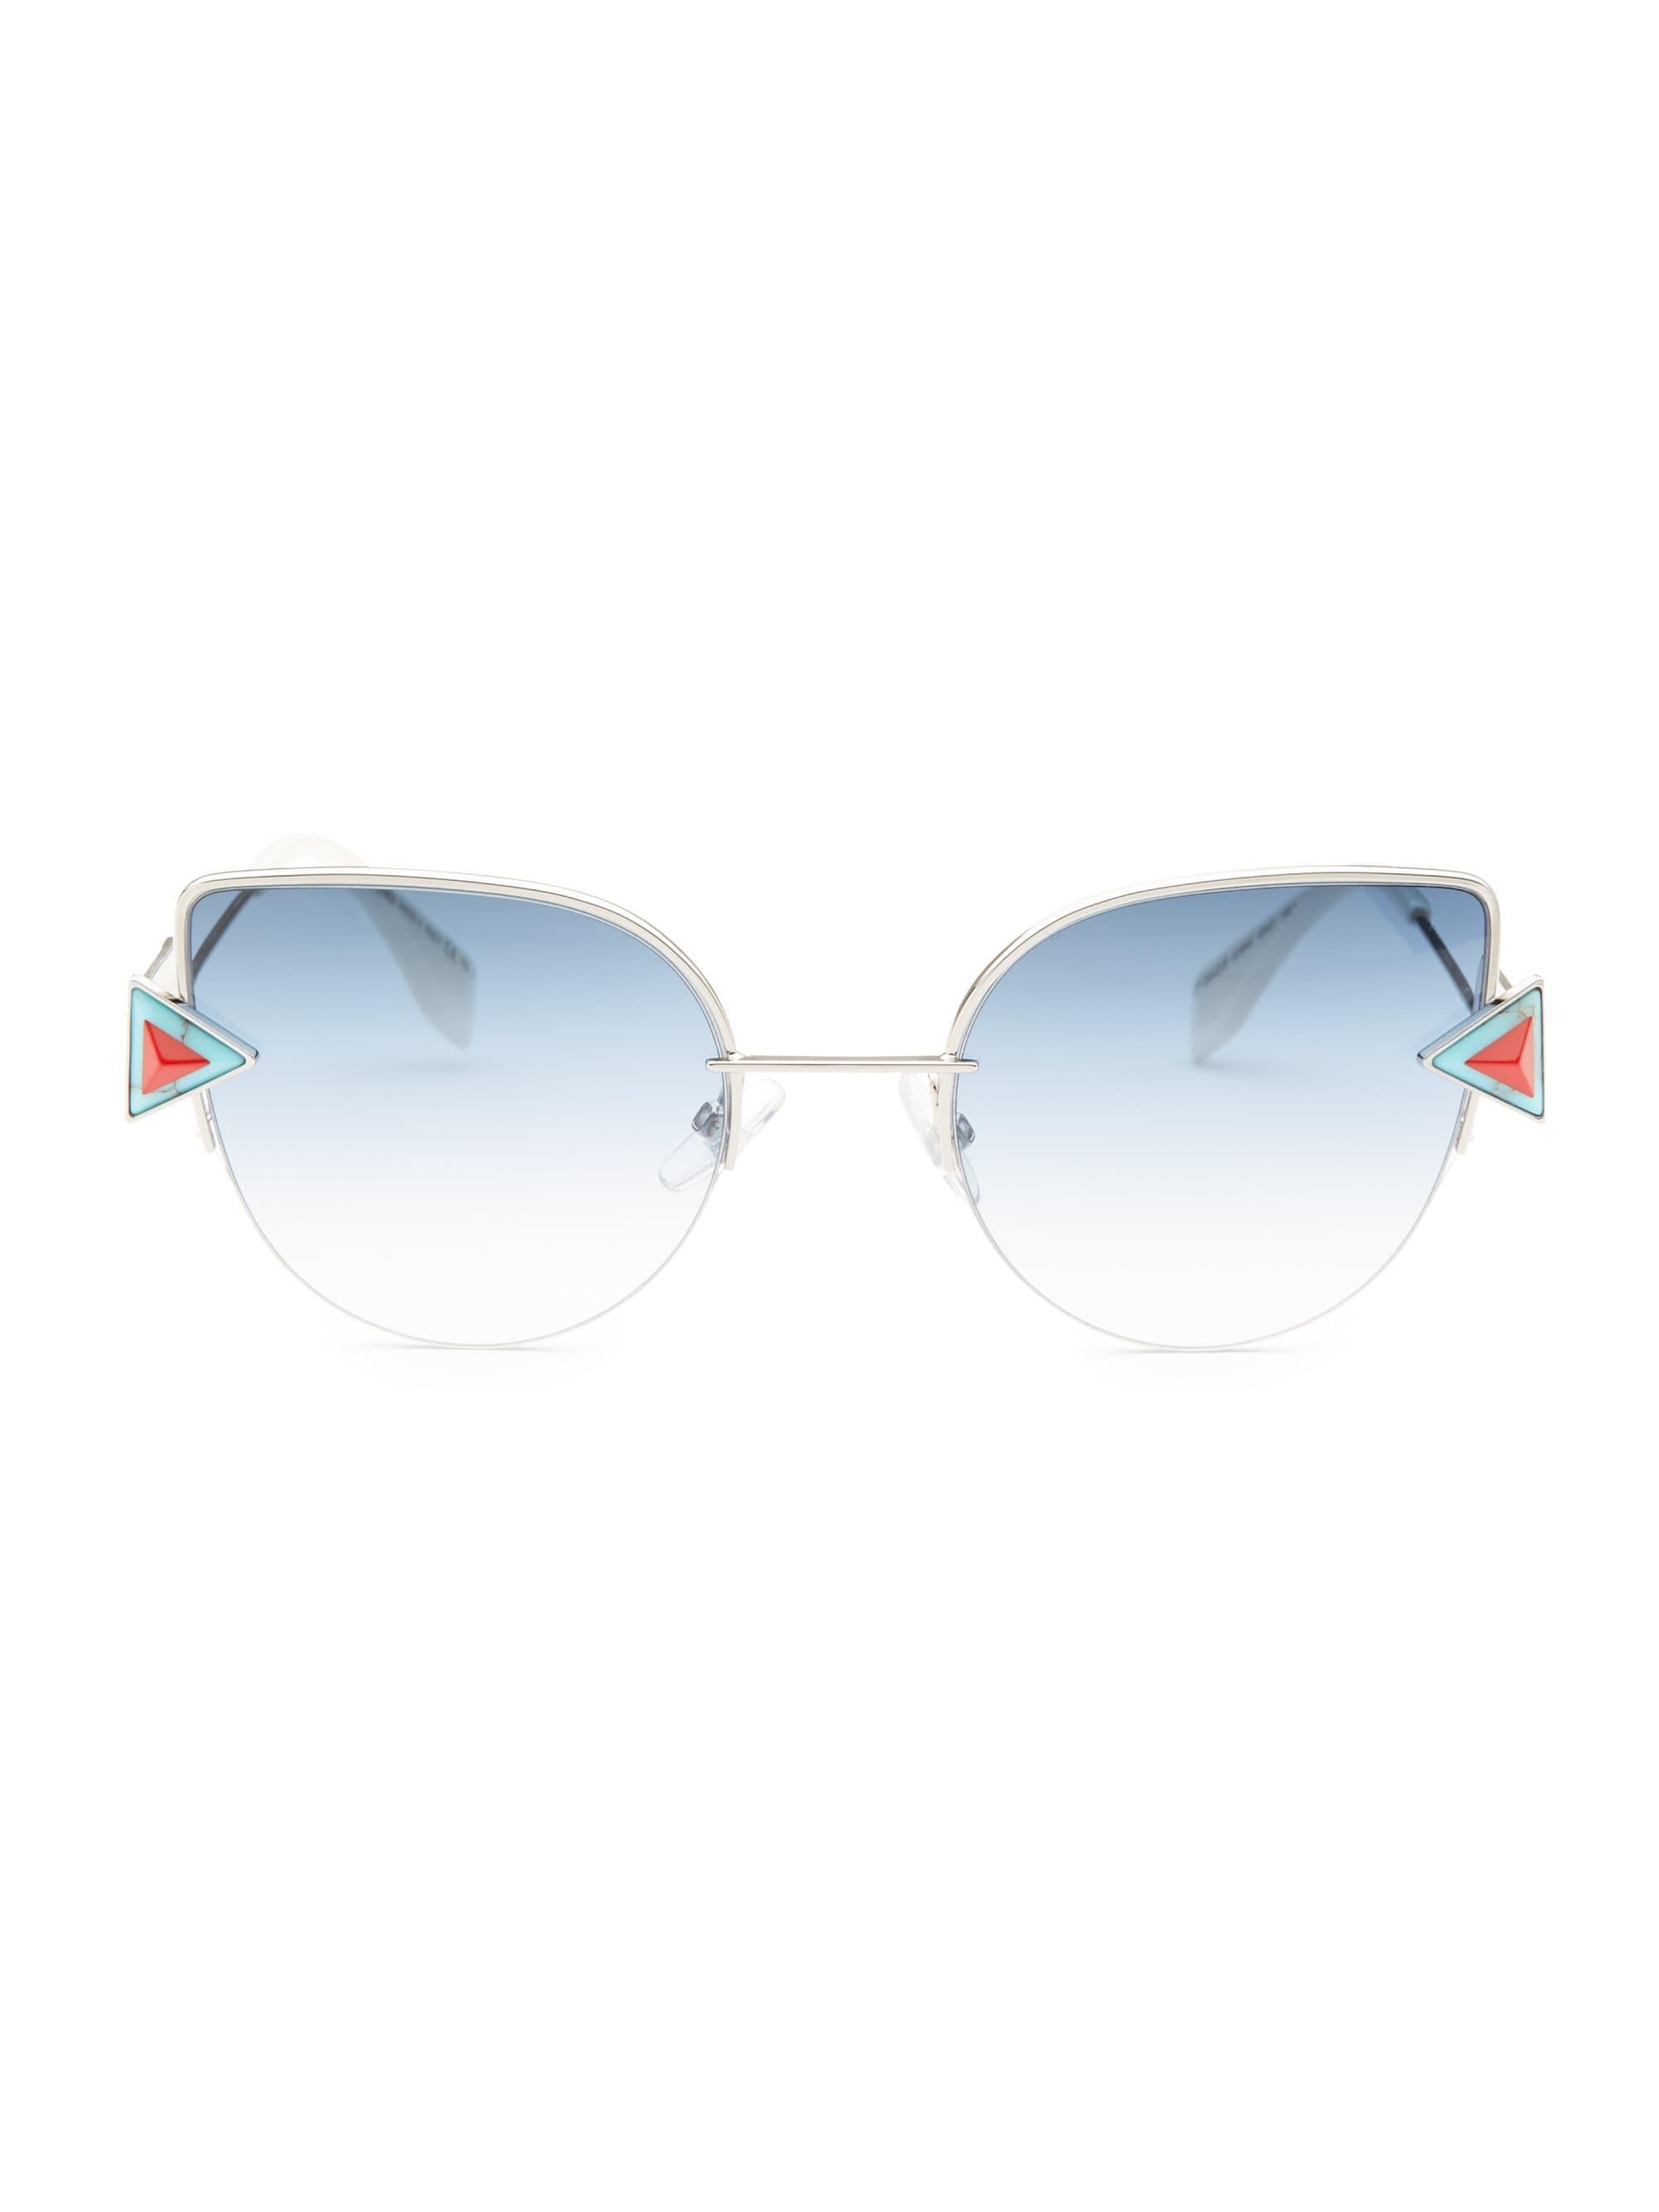 a2de633bbe Fendi Women s Rainbow 52mm Cat Eye Sunglasses - Blue in Blue - Lyst